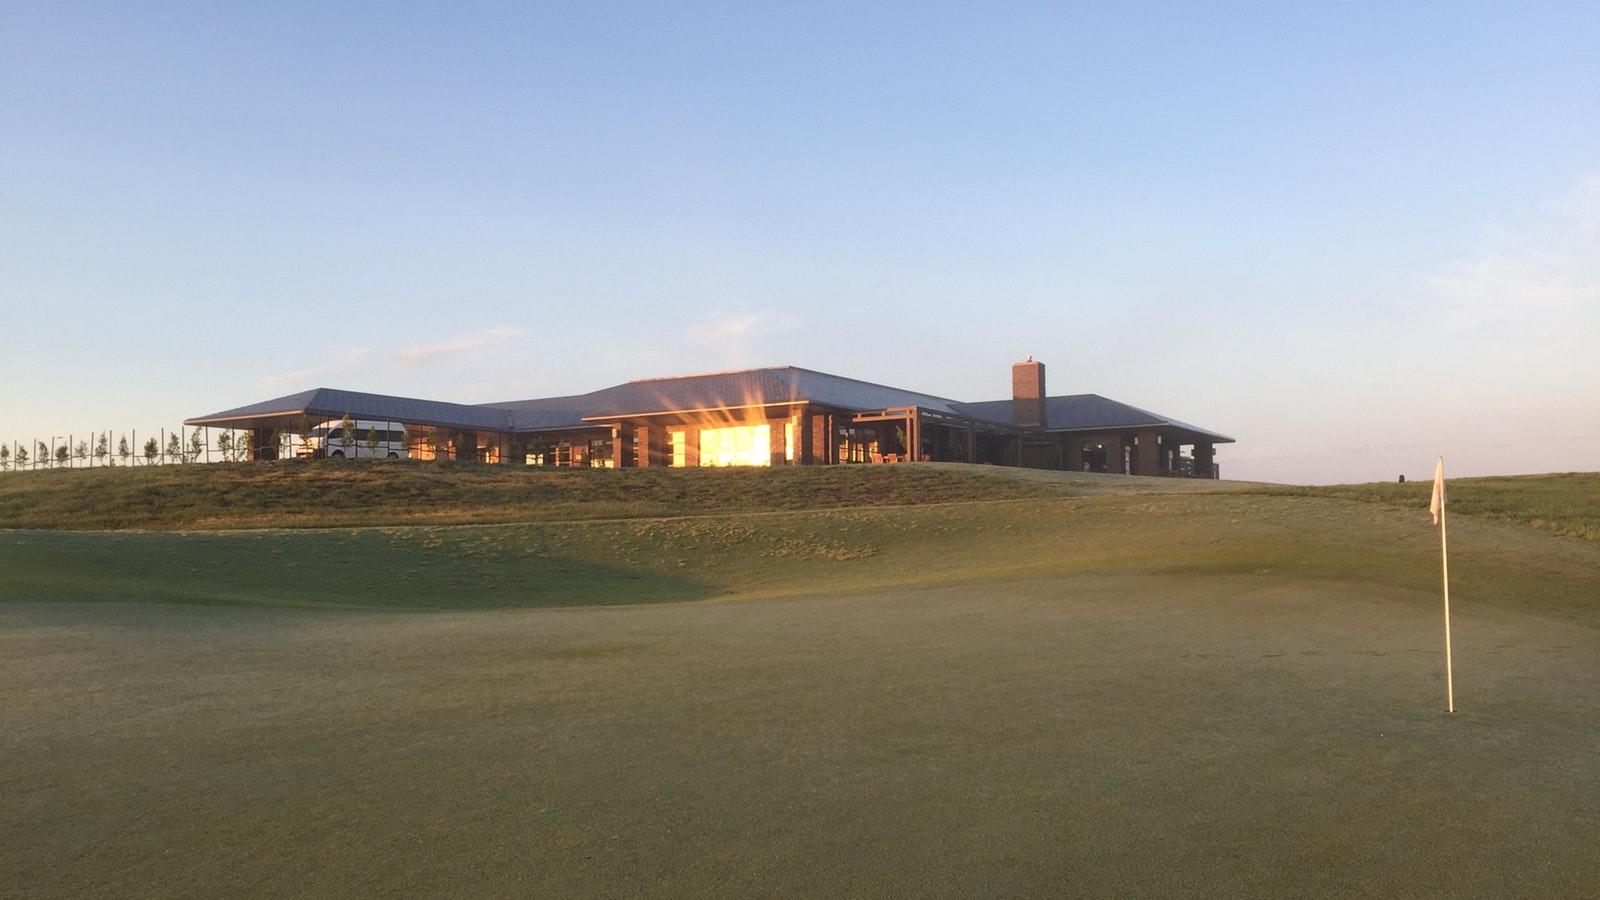 The Eastern Golf Club